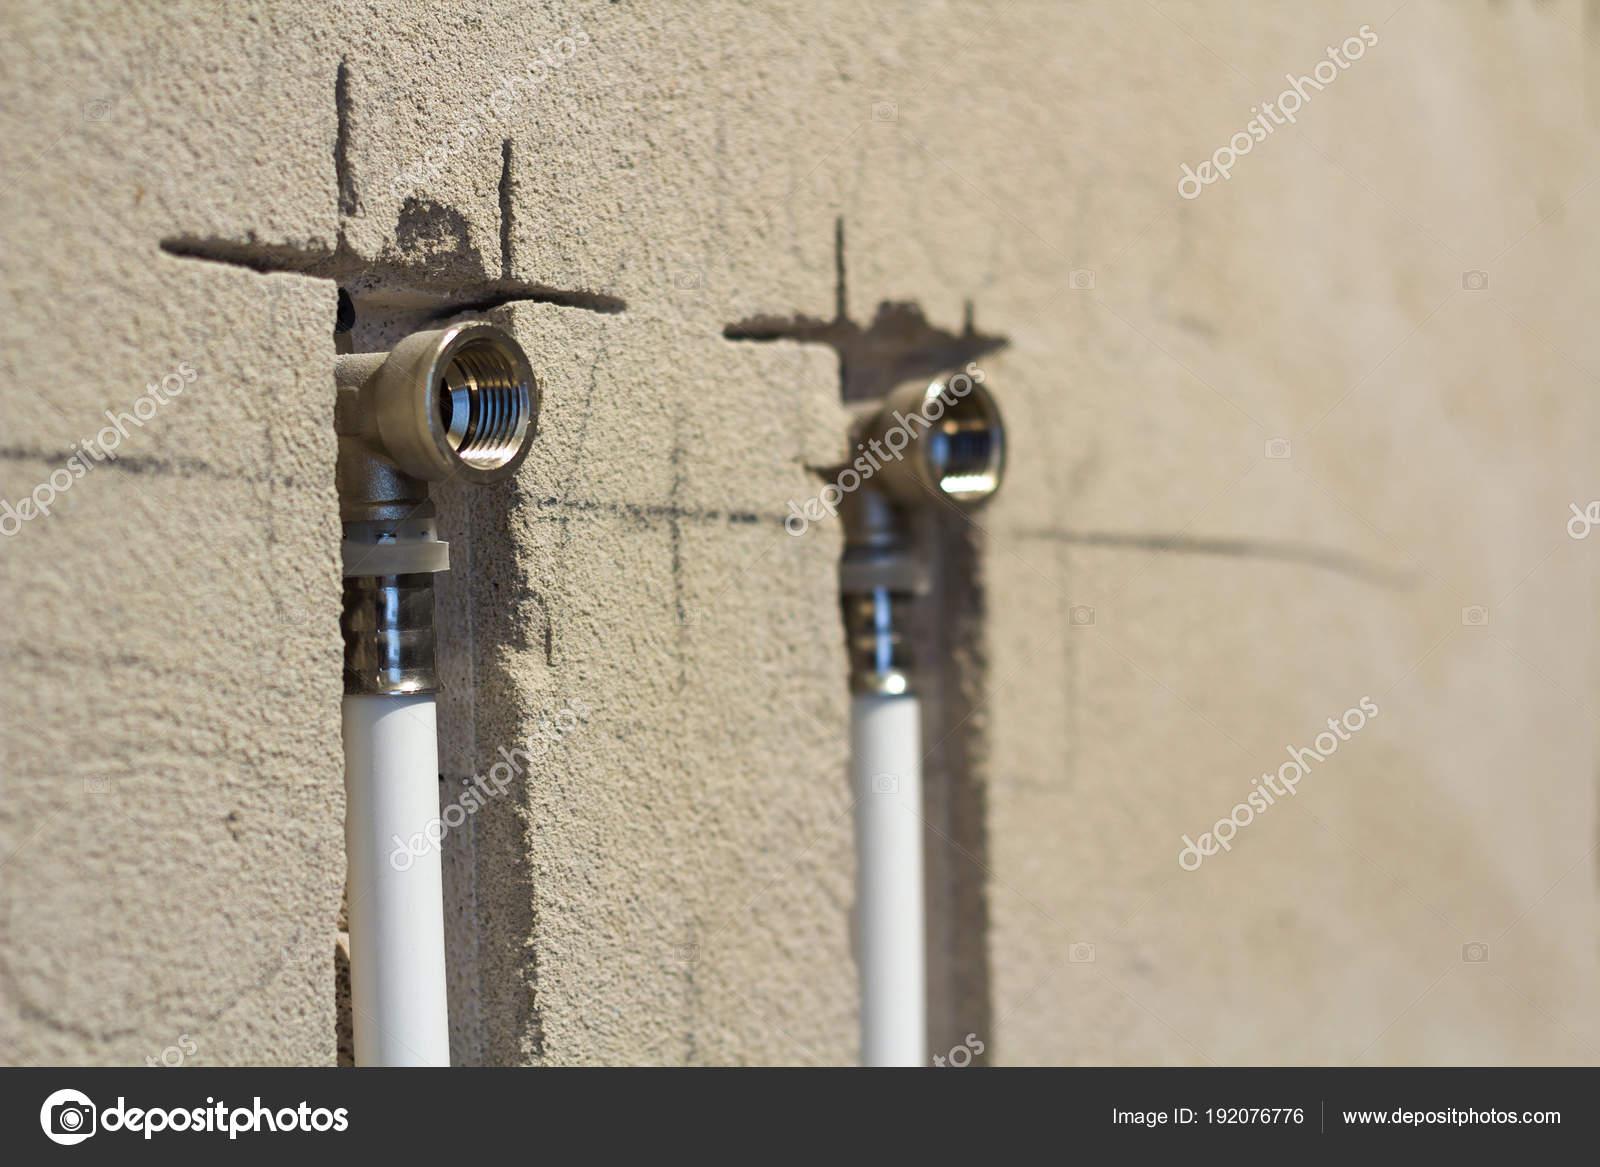 Tubi di acqua in polipropilene nella parete impianto idraulico in